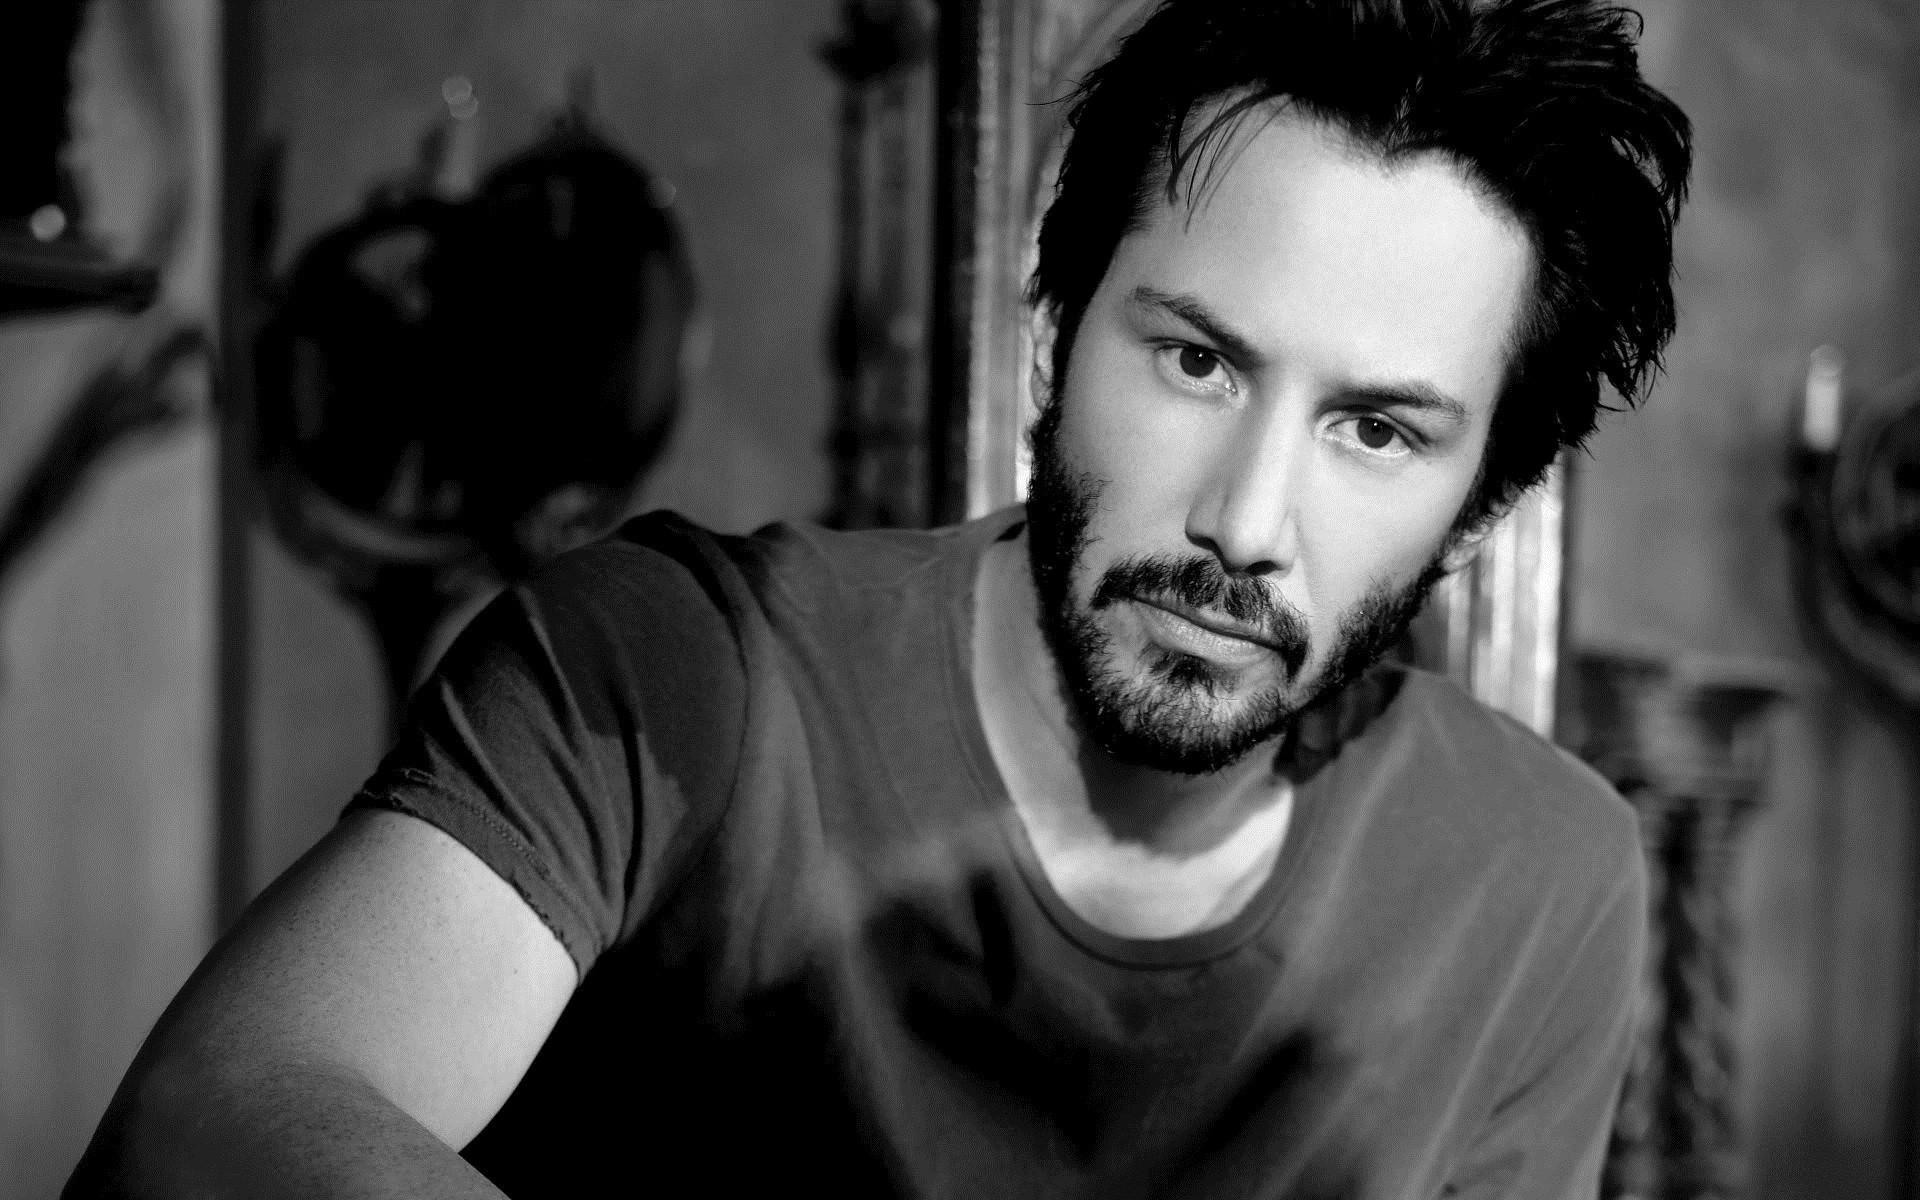 14 Hd Keanu Reeves Wallpapers-6285